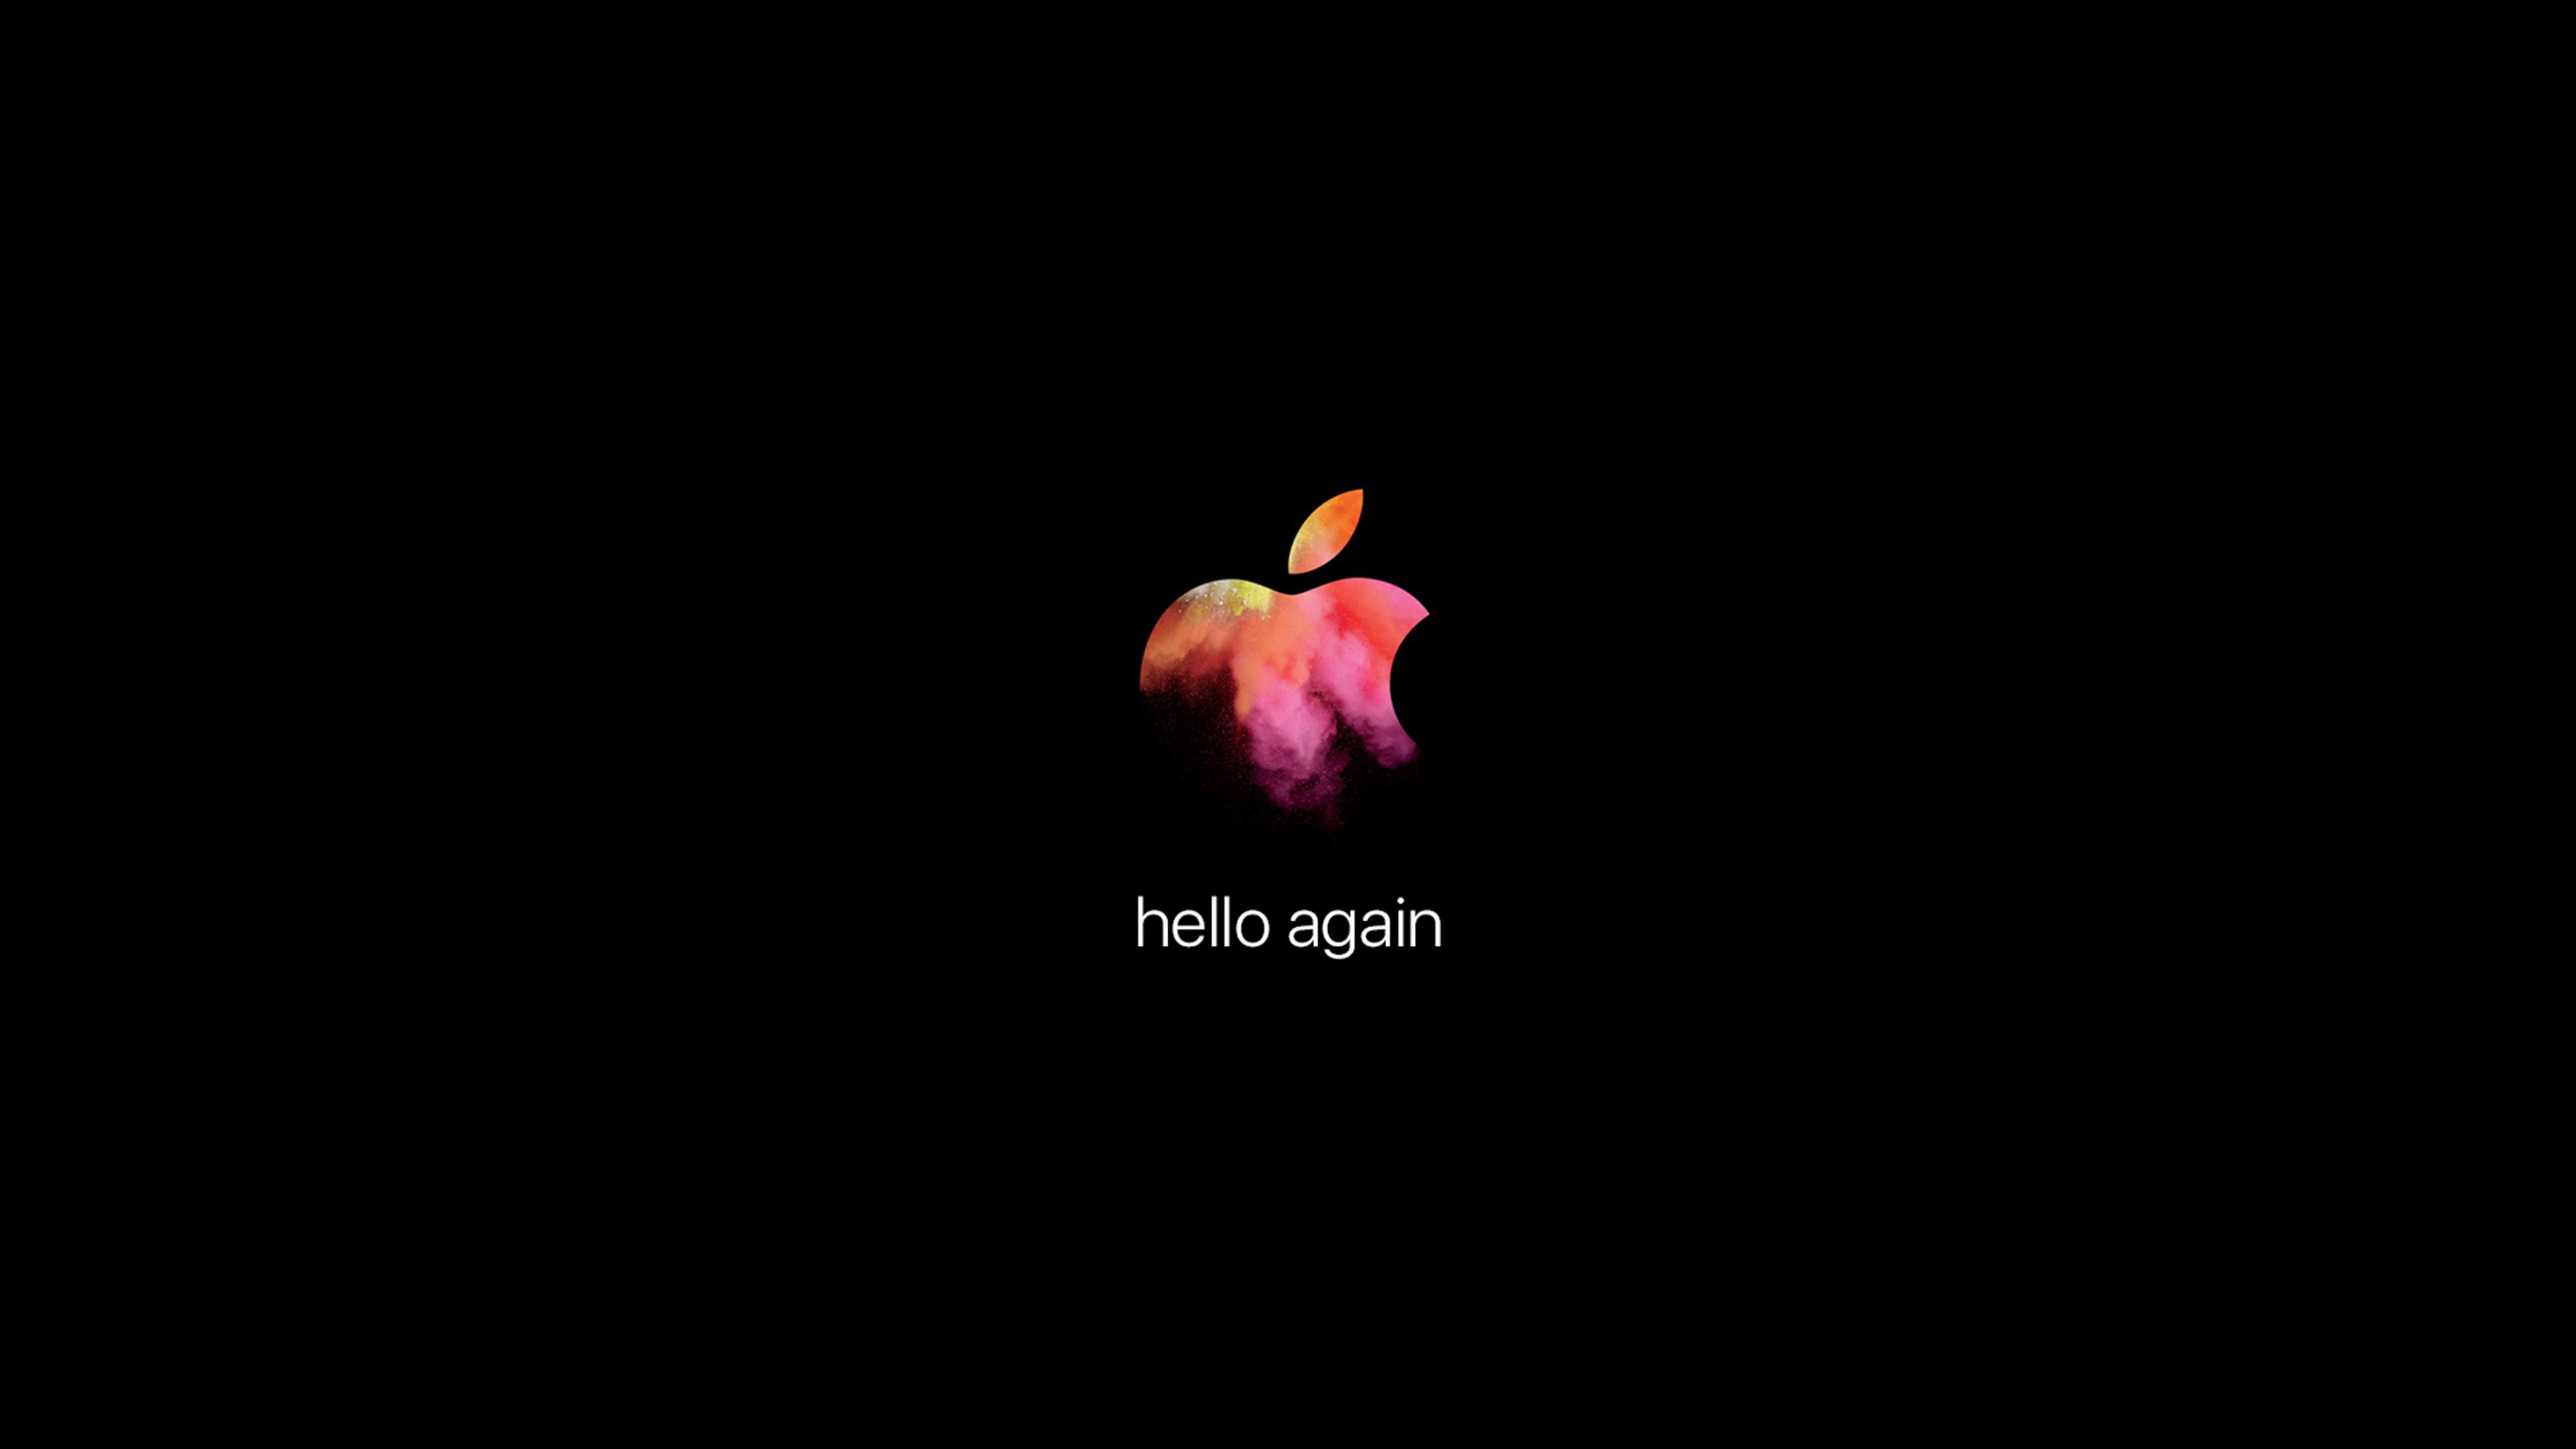 Apple招待状デザイン壁紙 Hello Again 公開 私設apple委員会